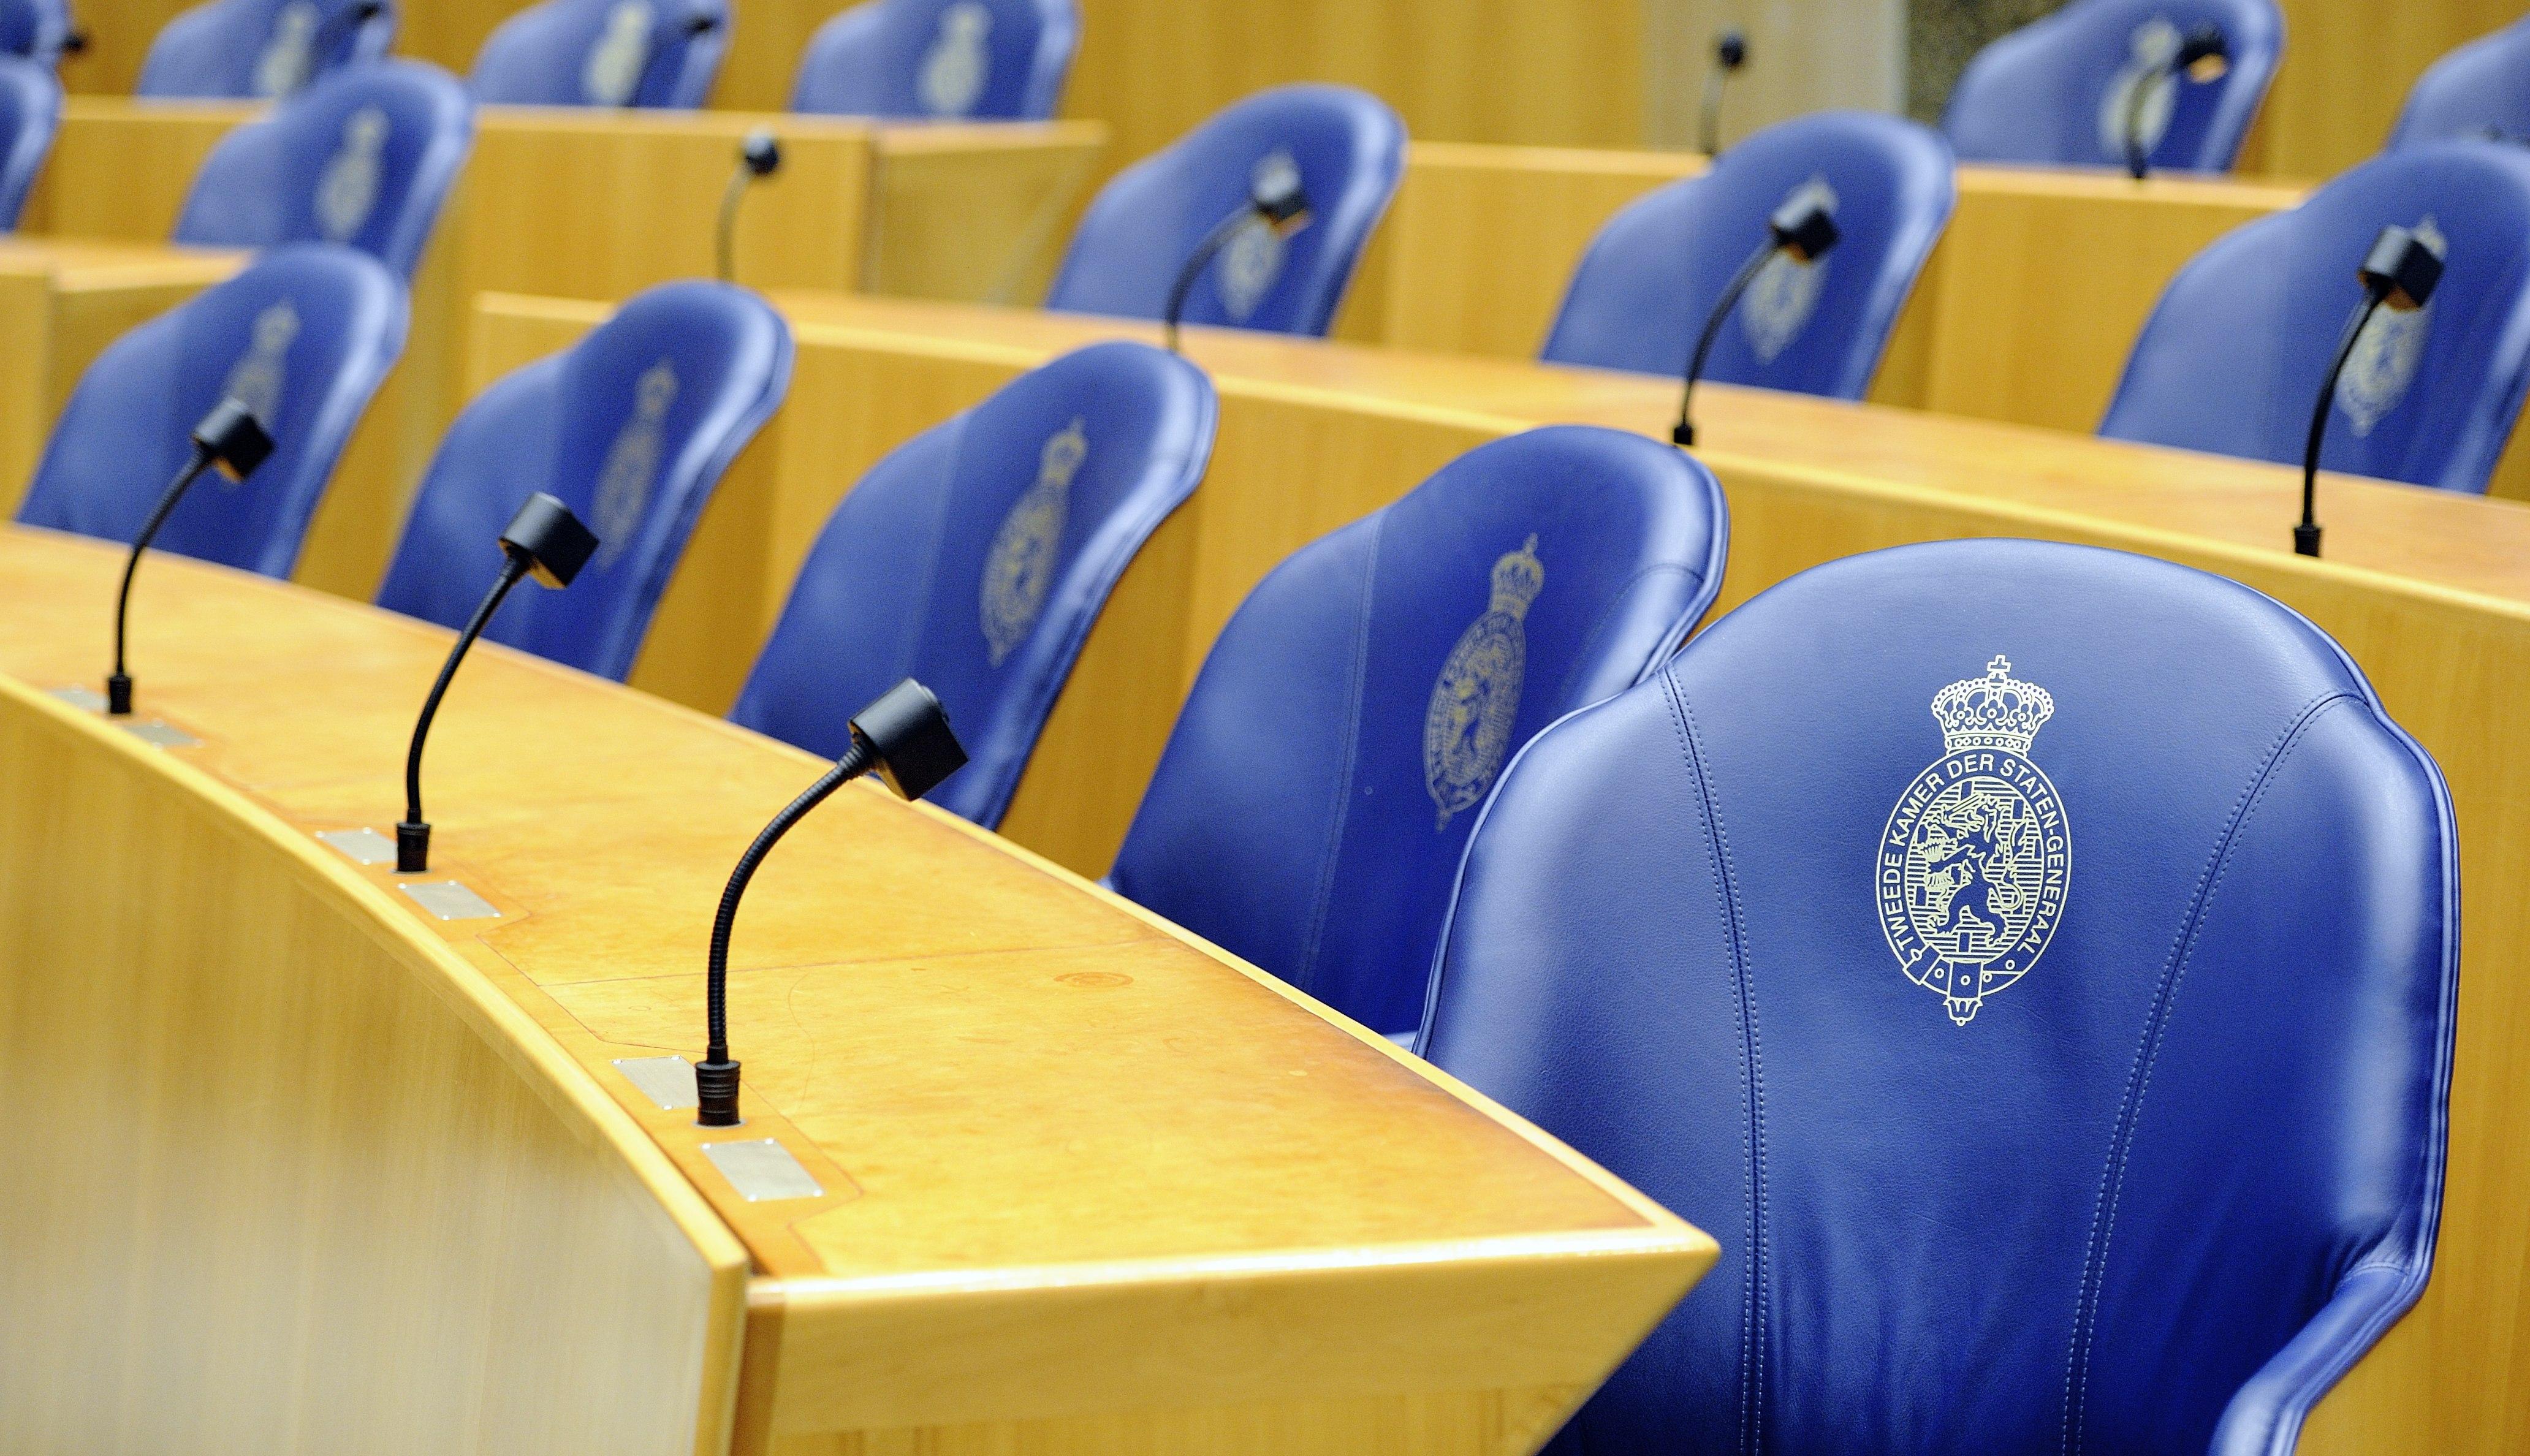 Instemmingsrecht voor opleidingscommissies